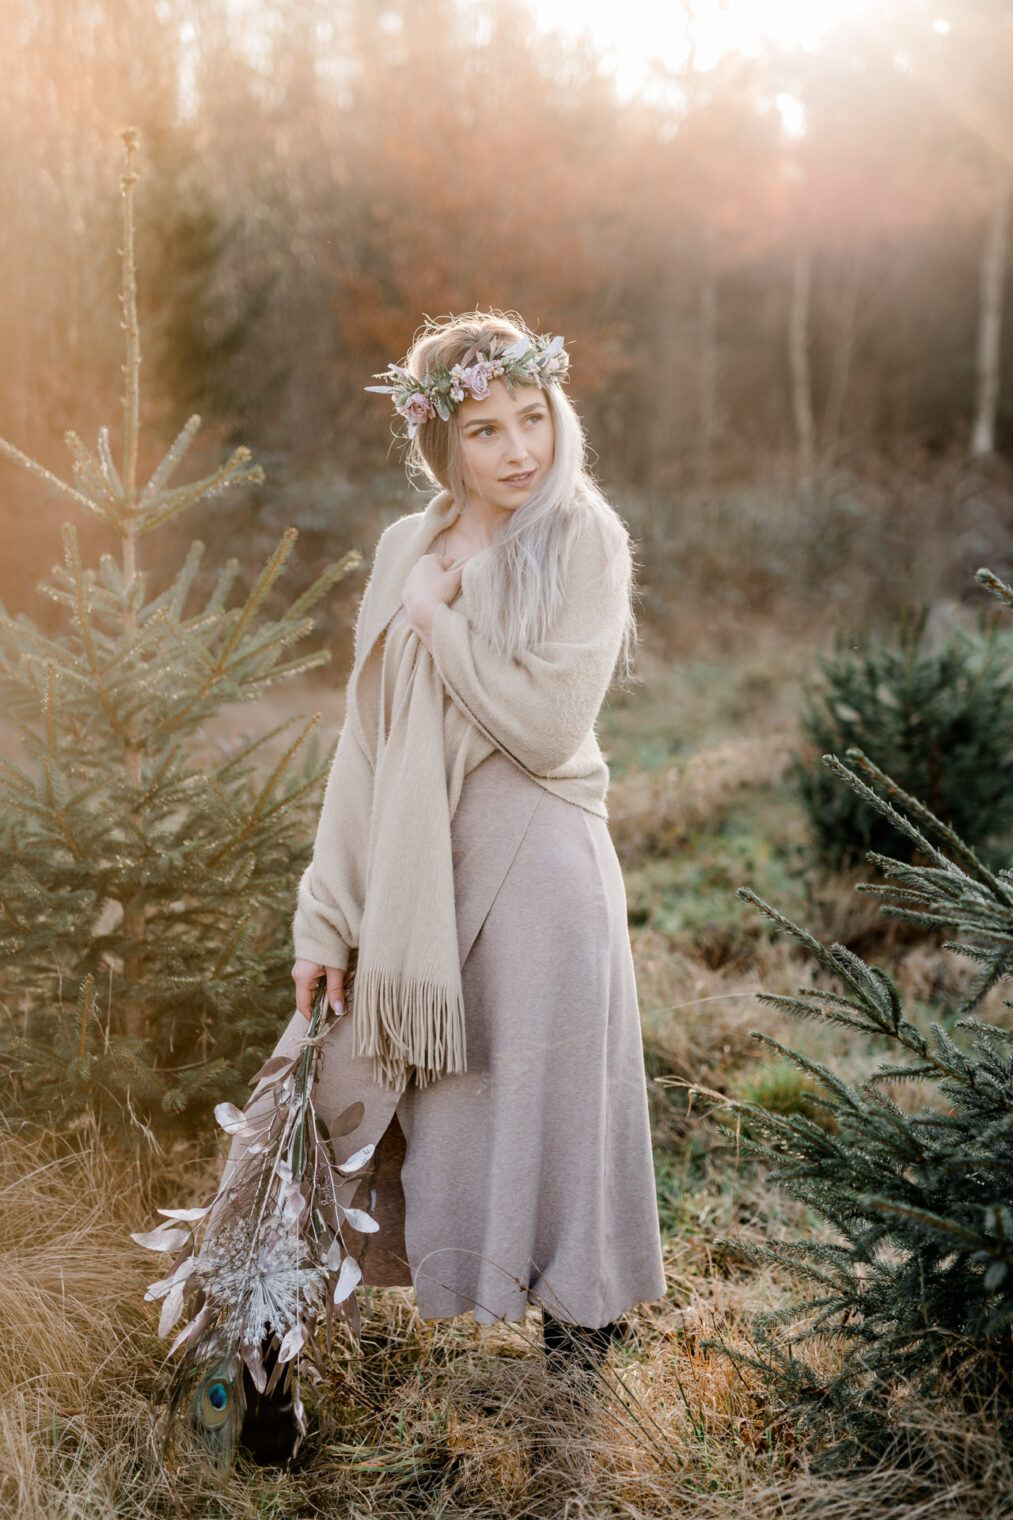 Winterliches Portraitshooting eines Model mit Blumen in den Haaren im Wald in der Schweiz